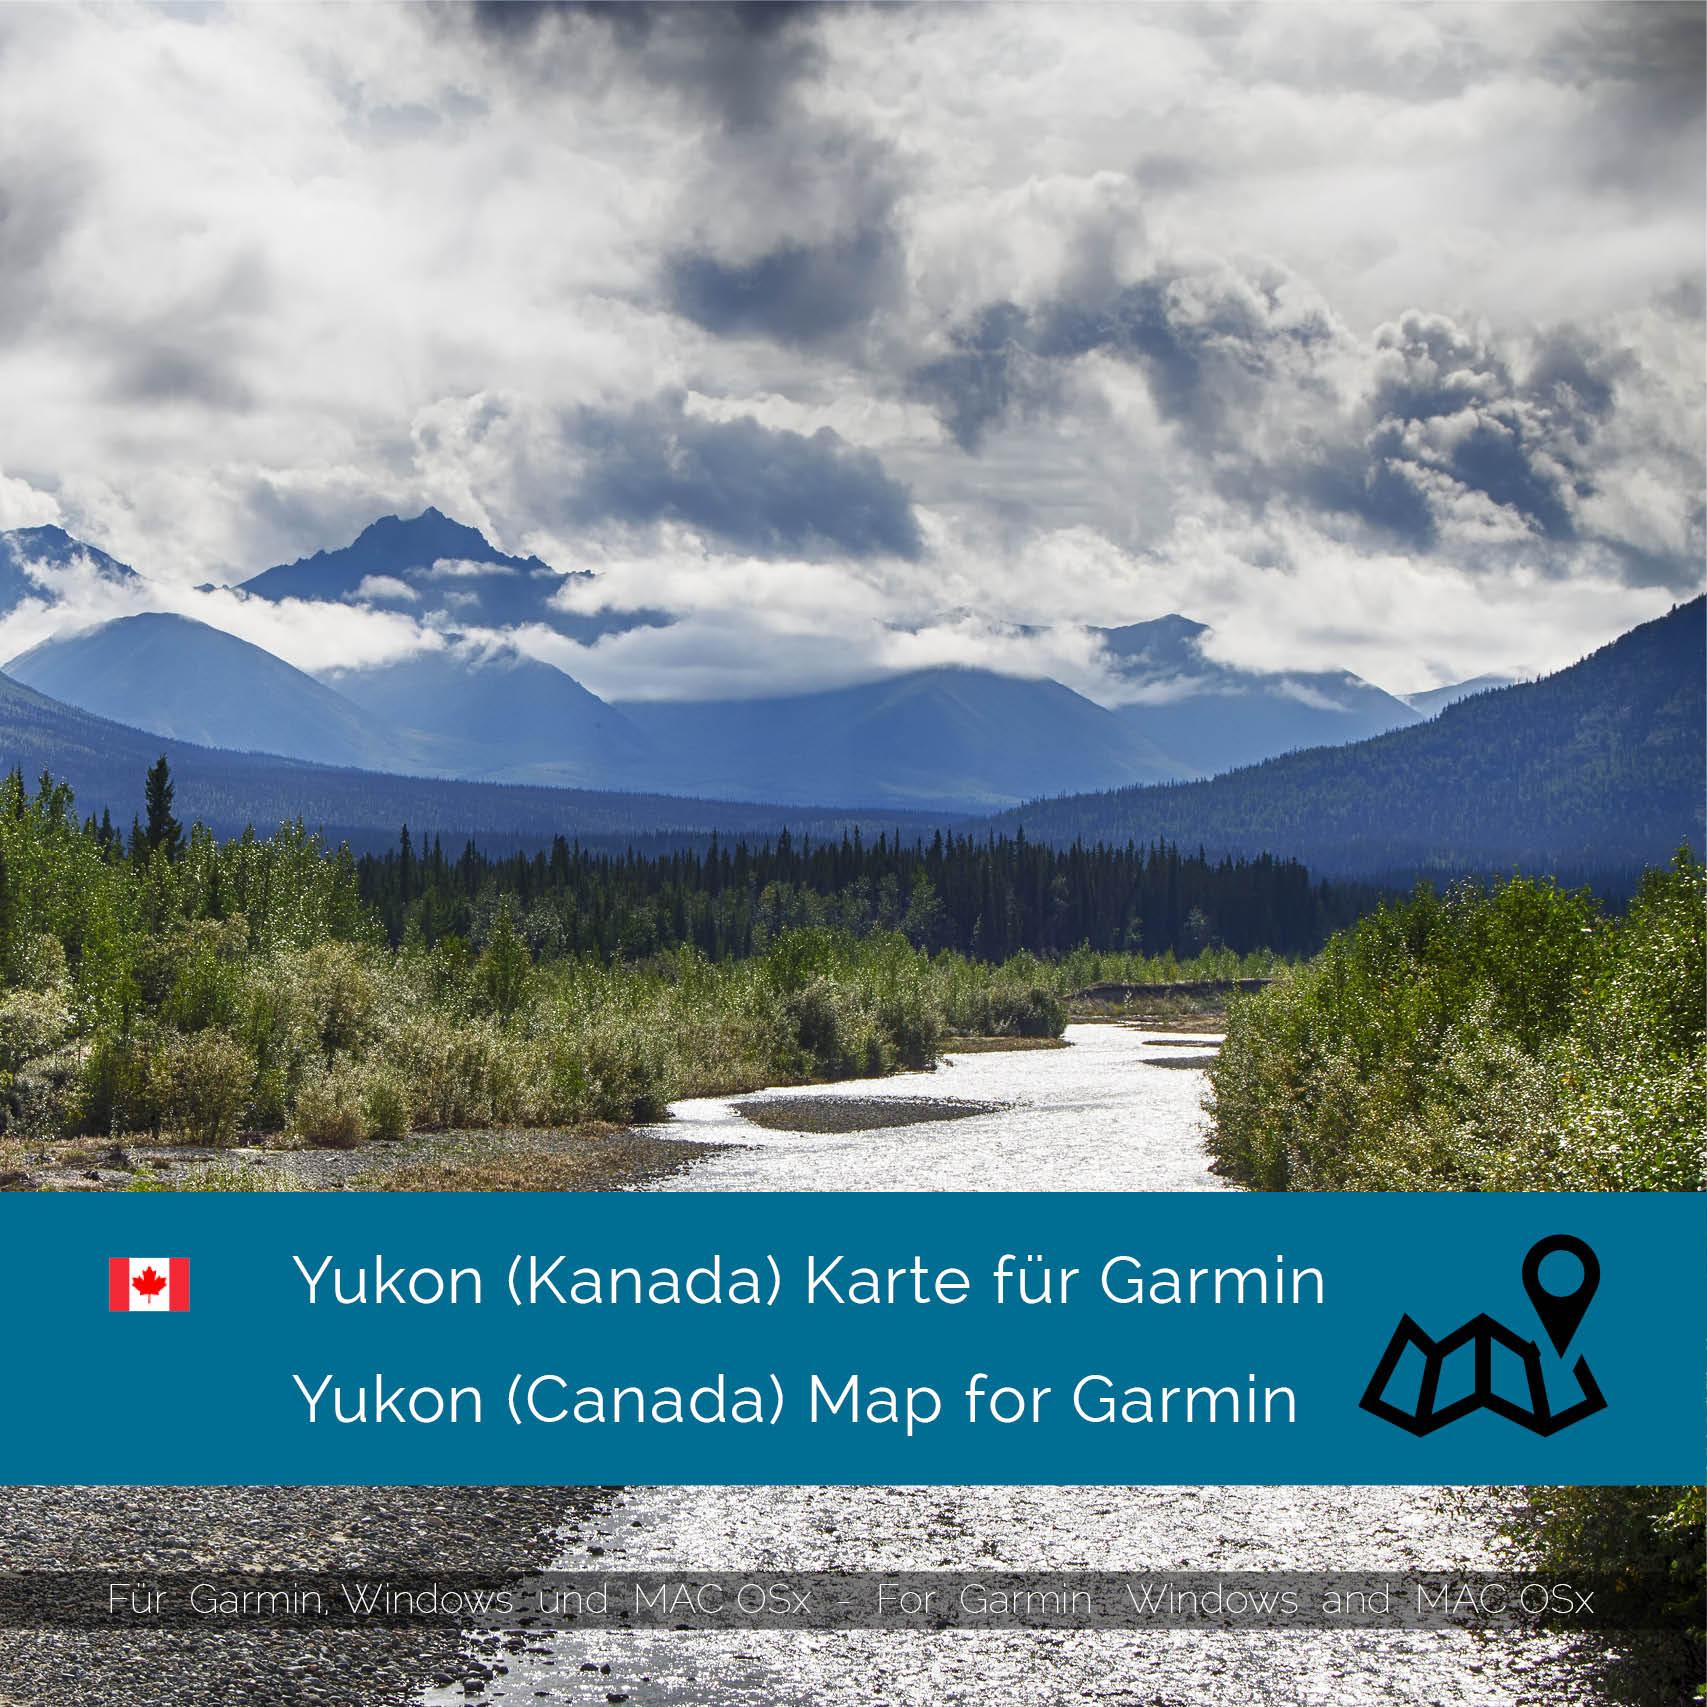 Garmin Canada Map Download Yukon (Canada)   Download GPS Map for Garmin | Garmin WorldMaps